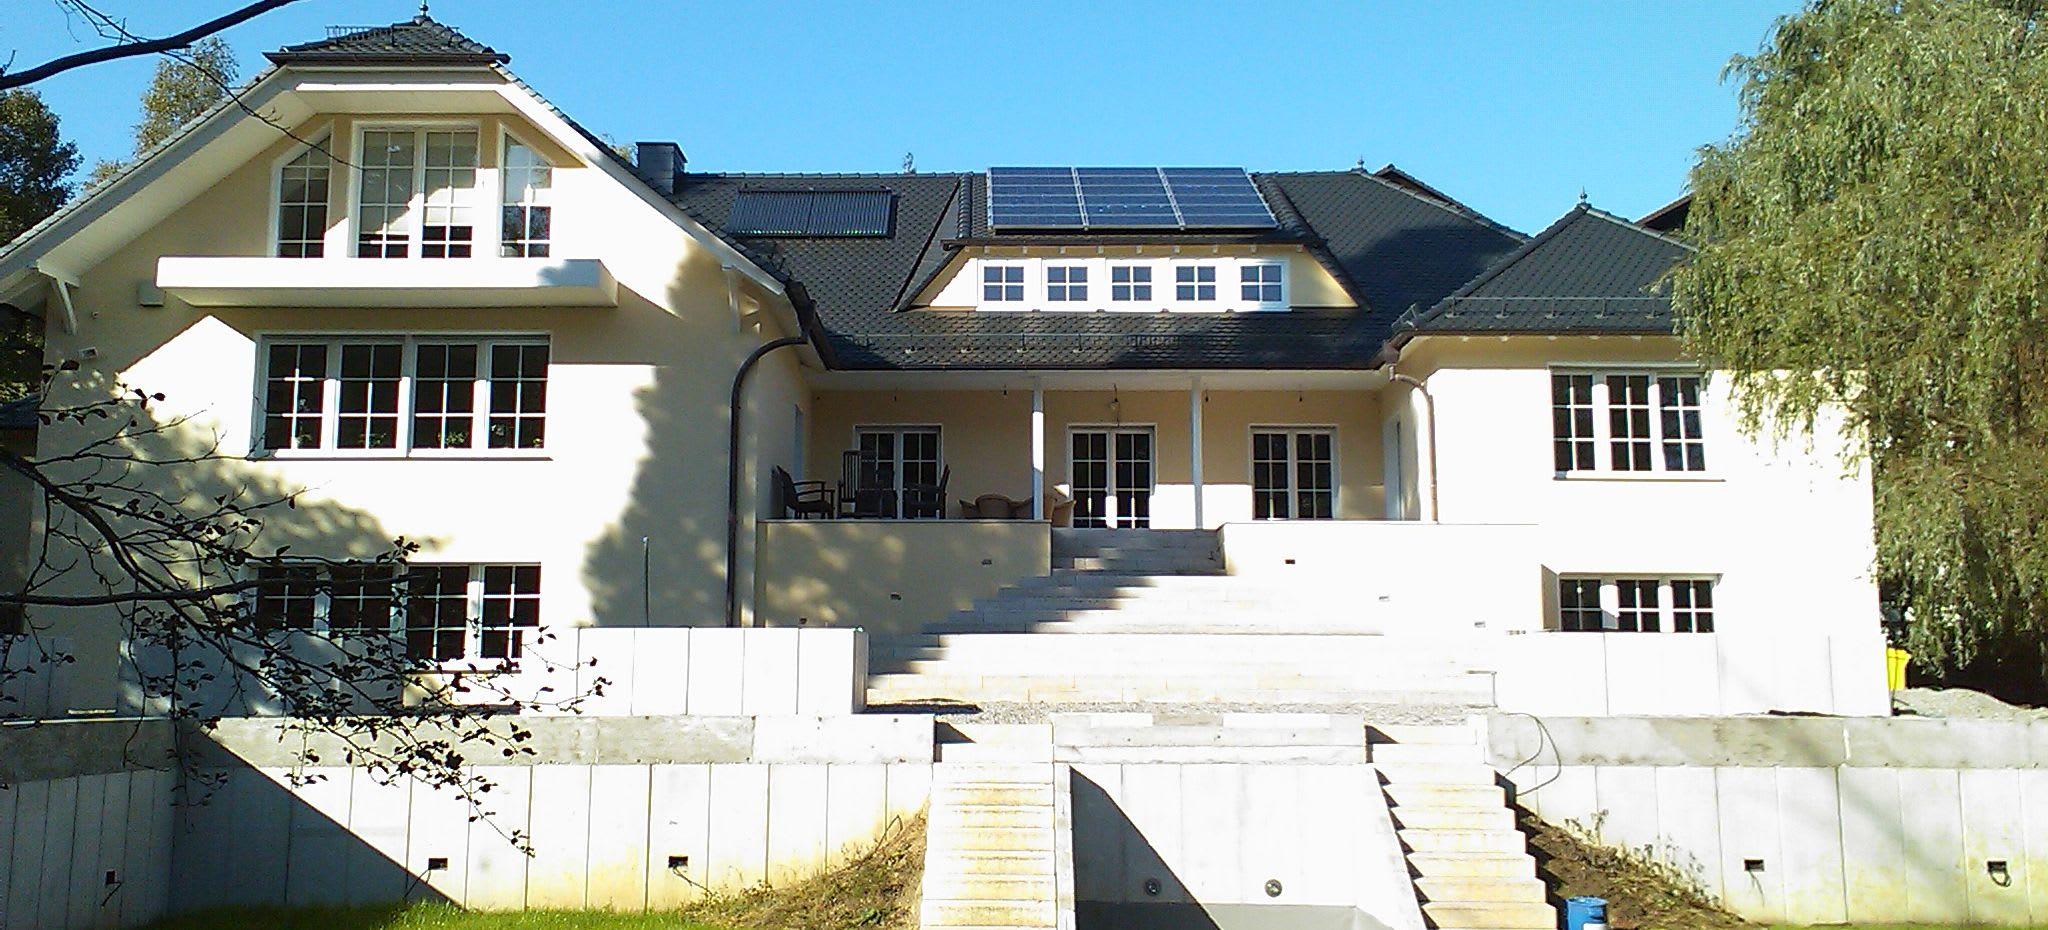 Startseite Banner großes Haus viele Treppen